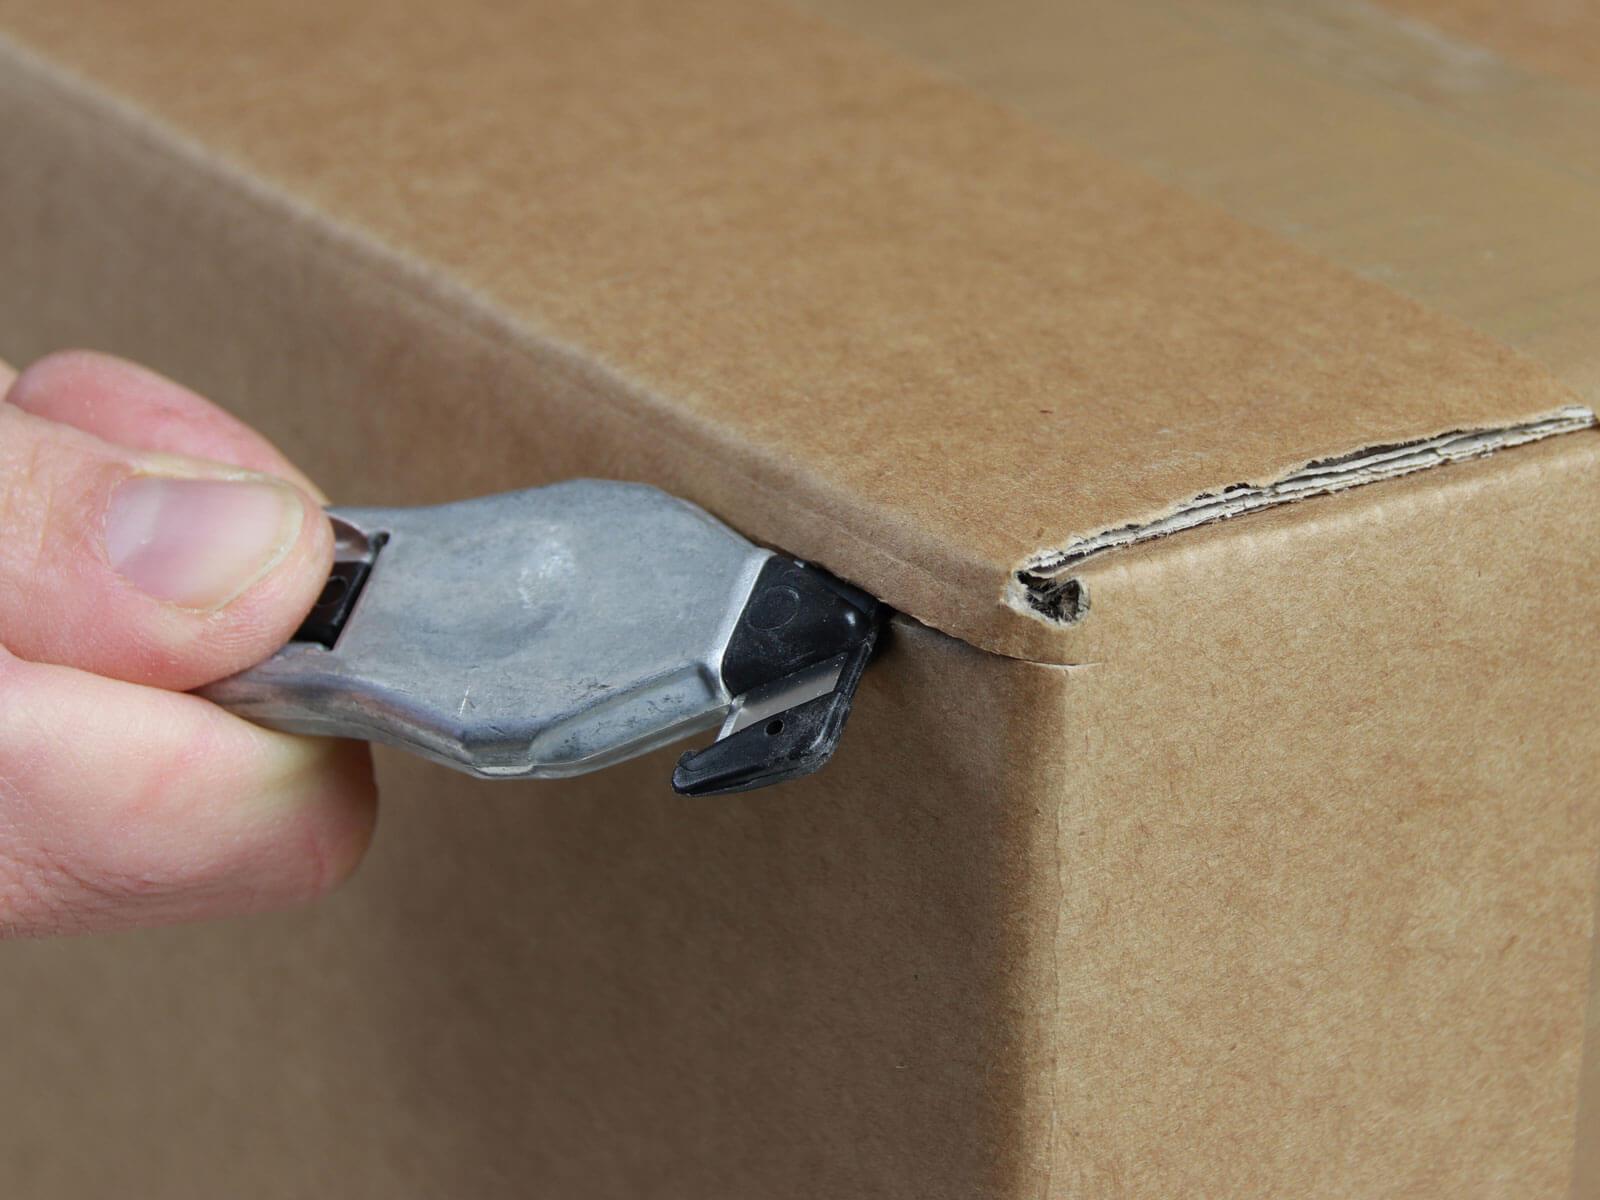 H031P Sicherheitsmesser Schutzhaken metall Karton schneiden abdeckeln CURT-tools